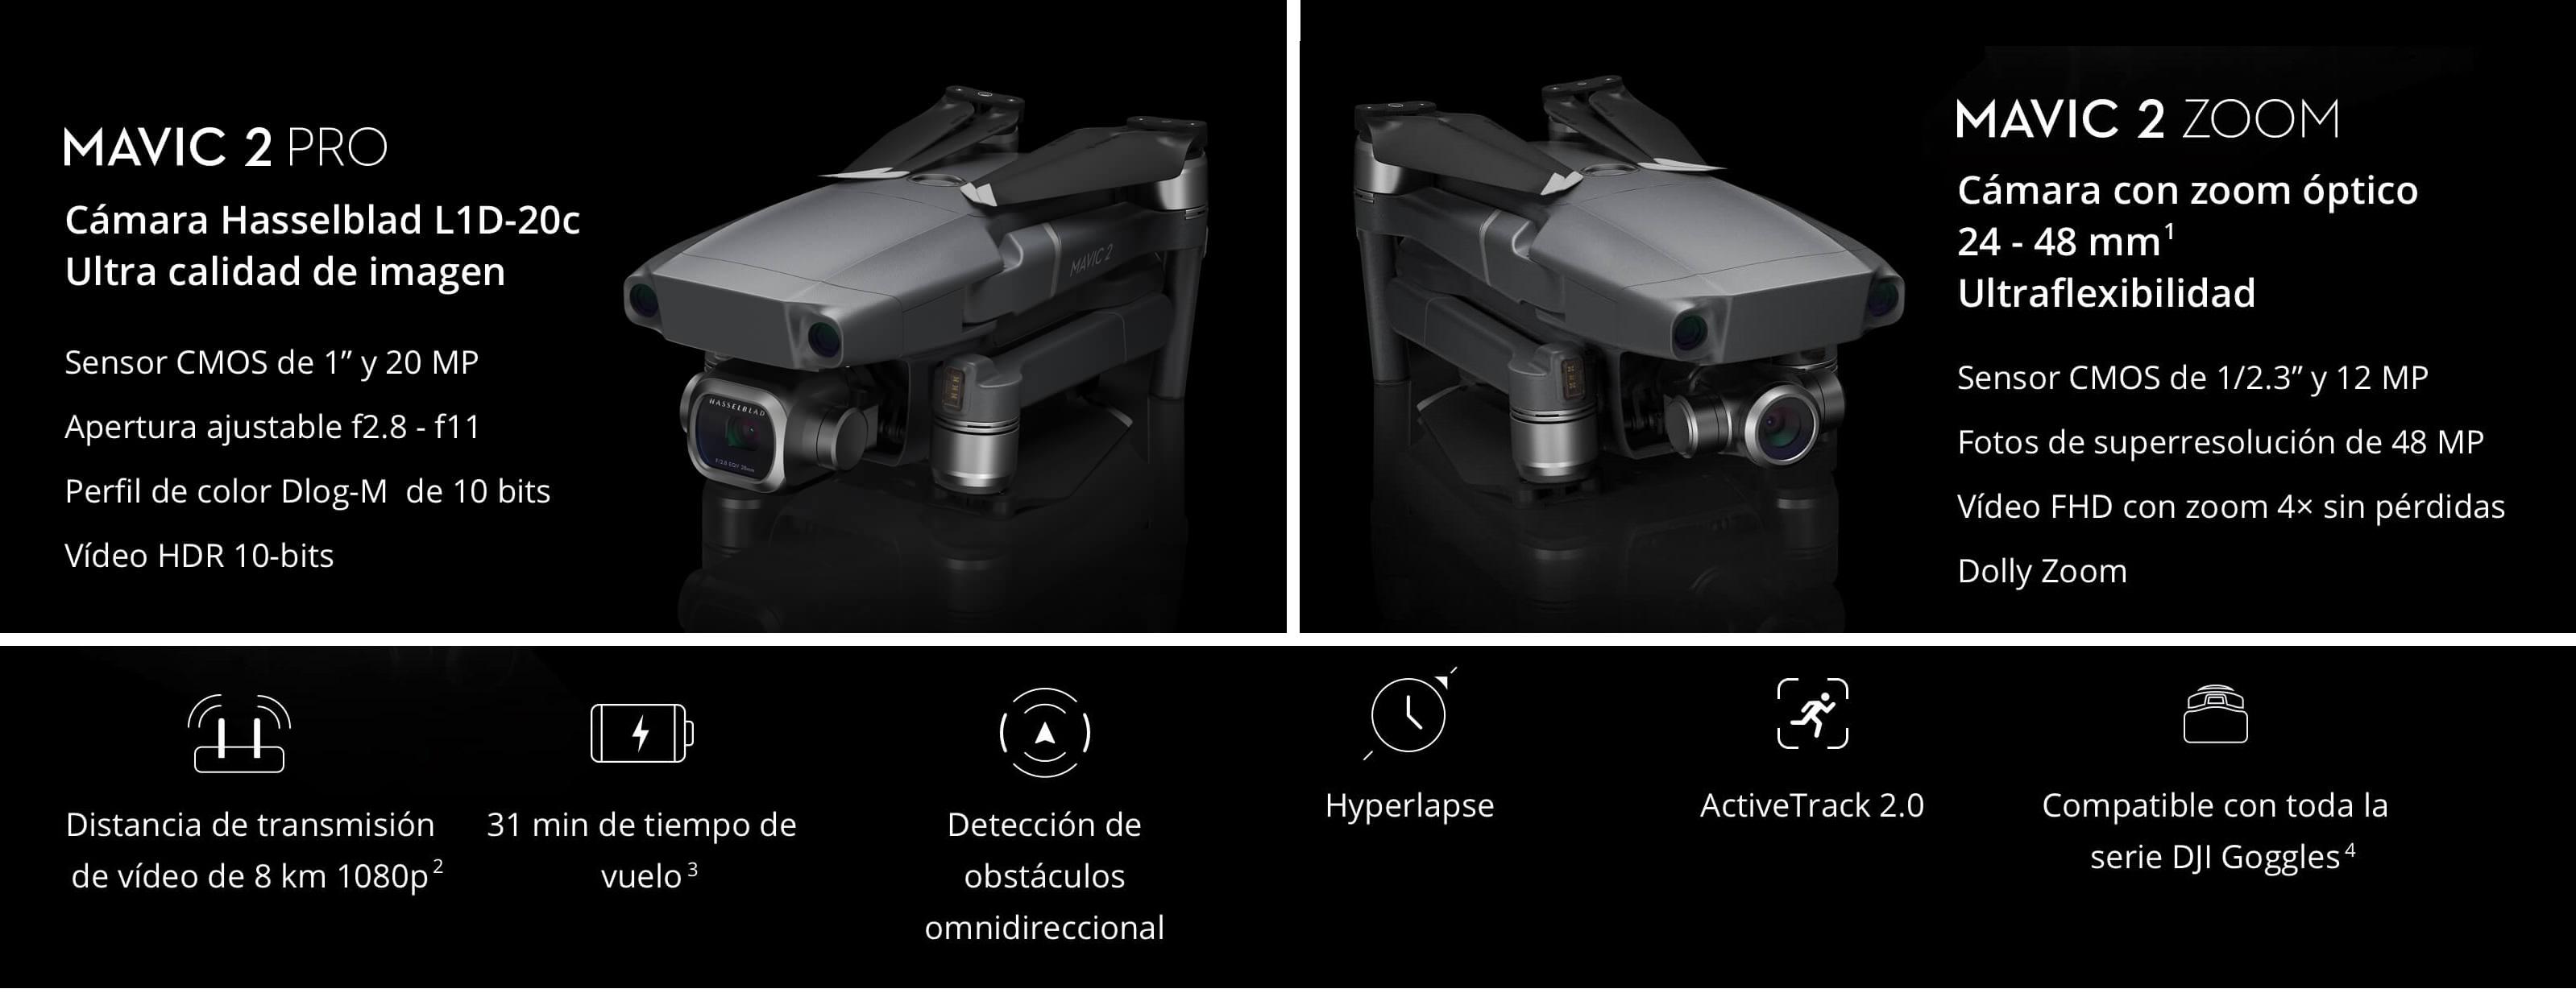 Drone DJI Mavic 2 Pro vs Zoom